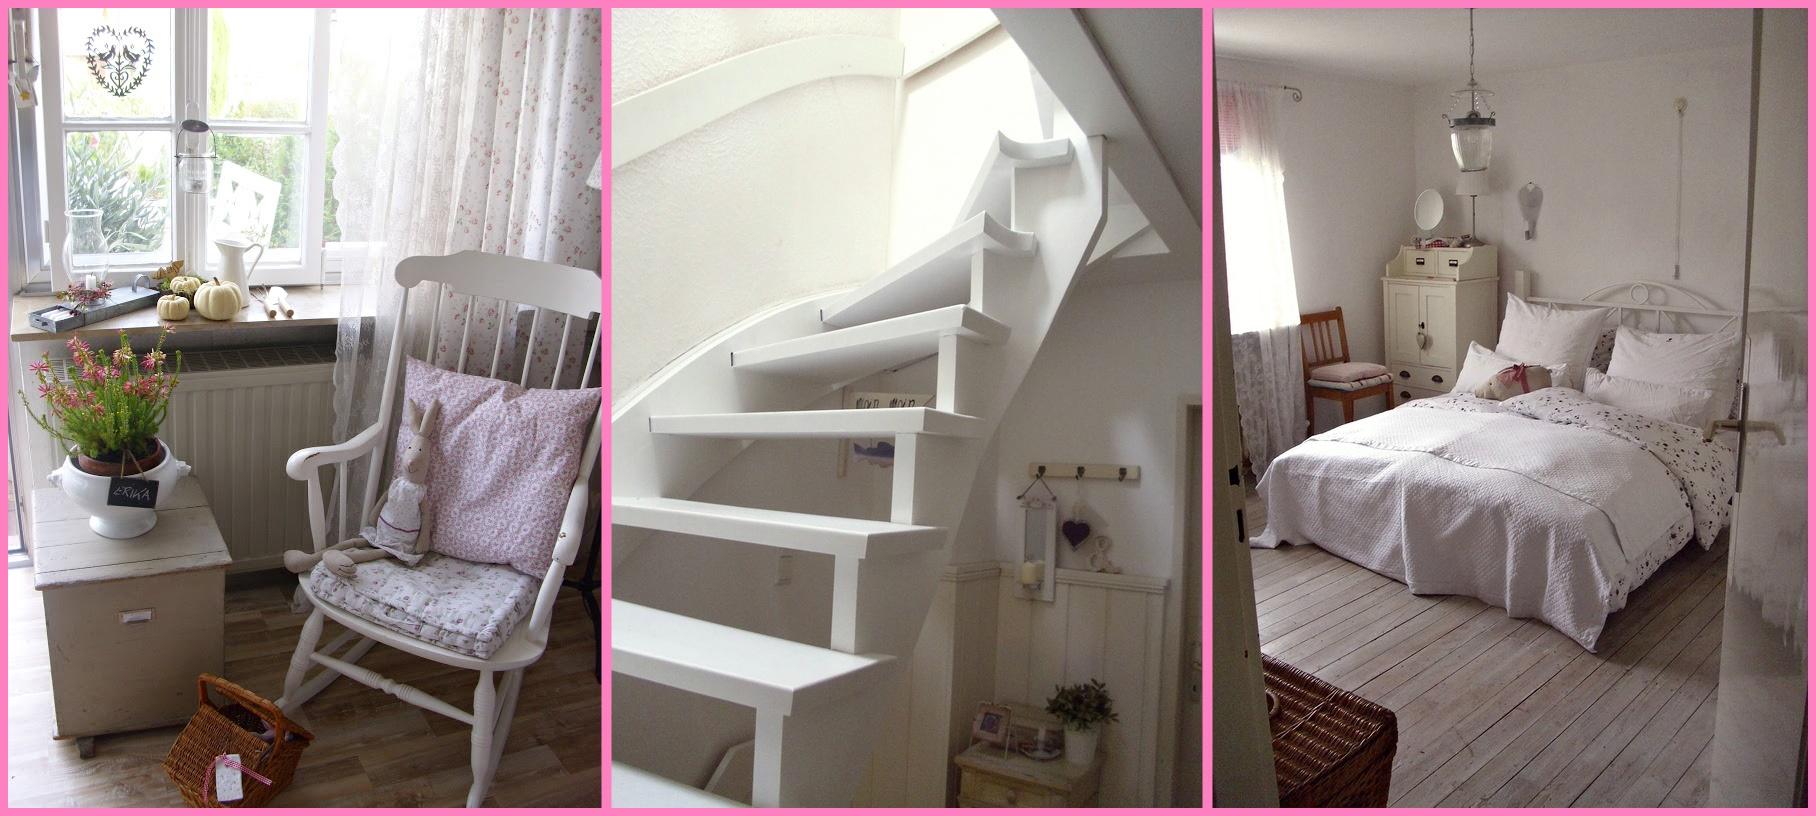 Casa Shabby Chic Arredata Con Mobili Ikea Foto Degli Interni